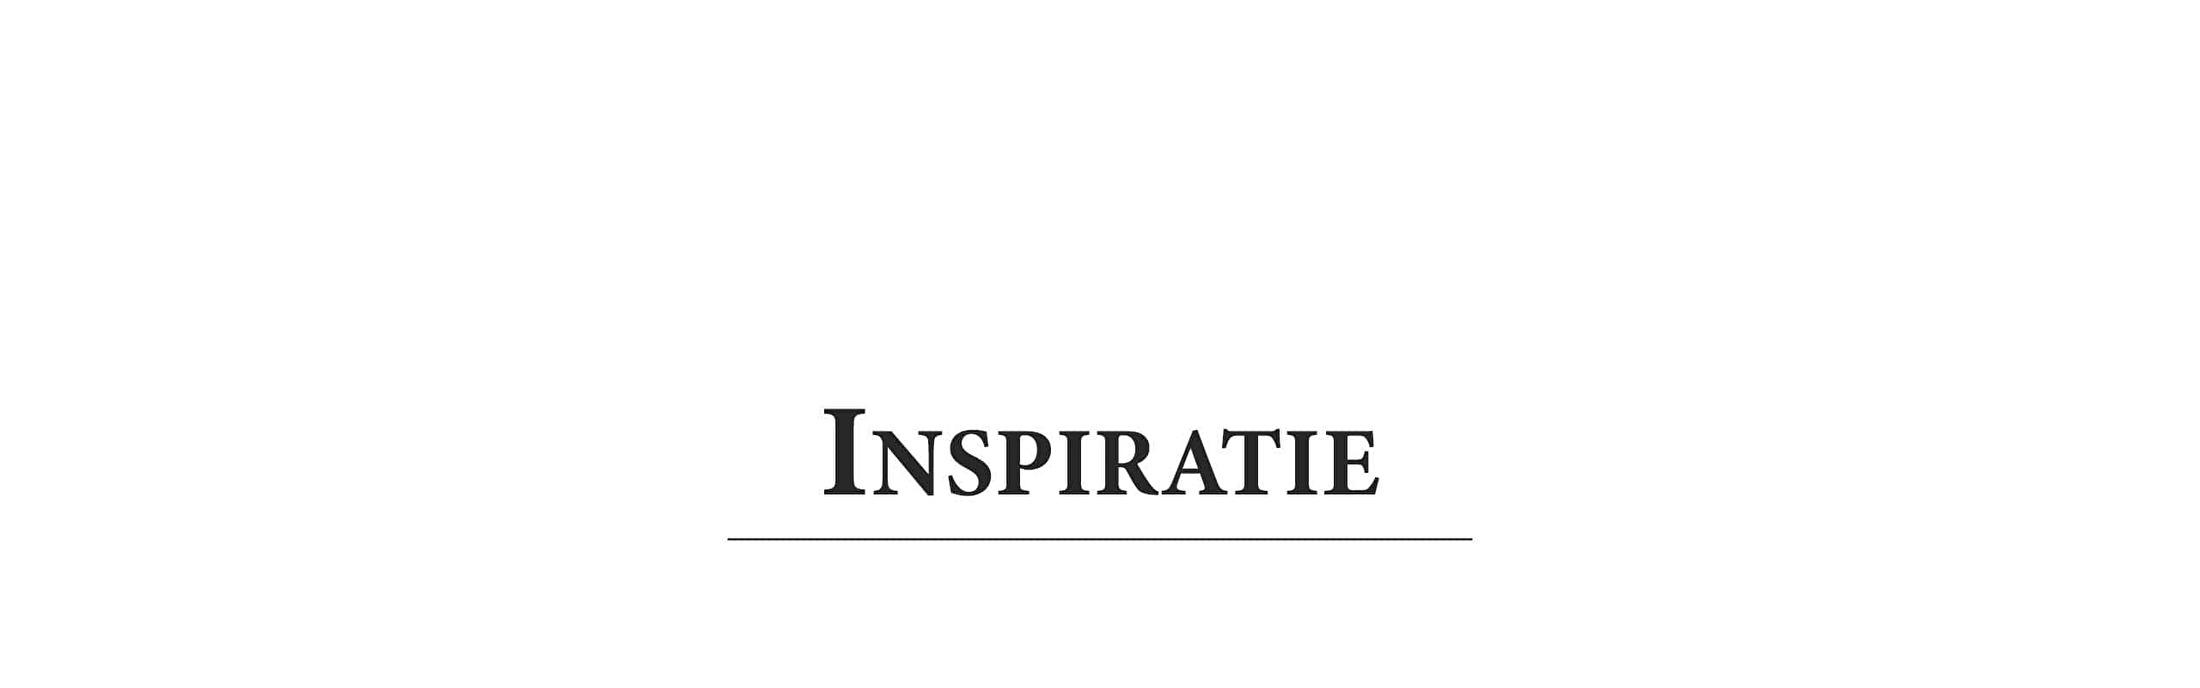 Inspiratie voor uw aankopen